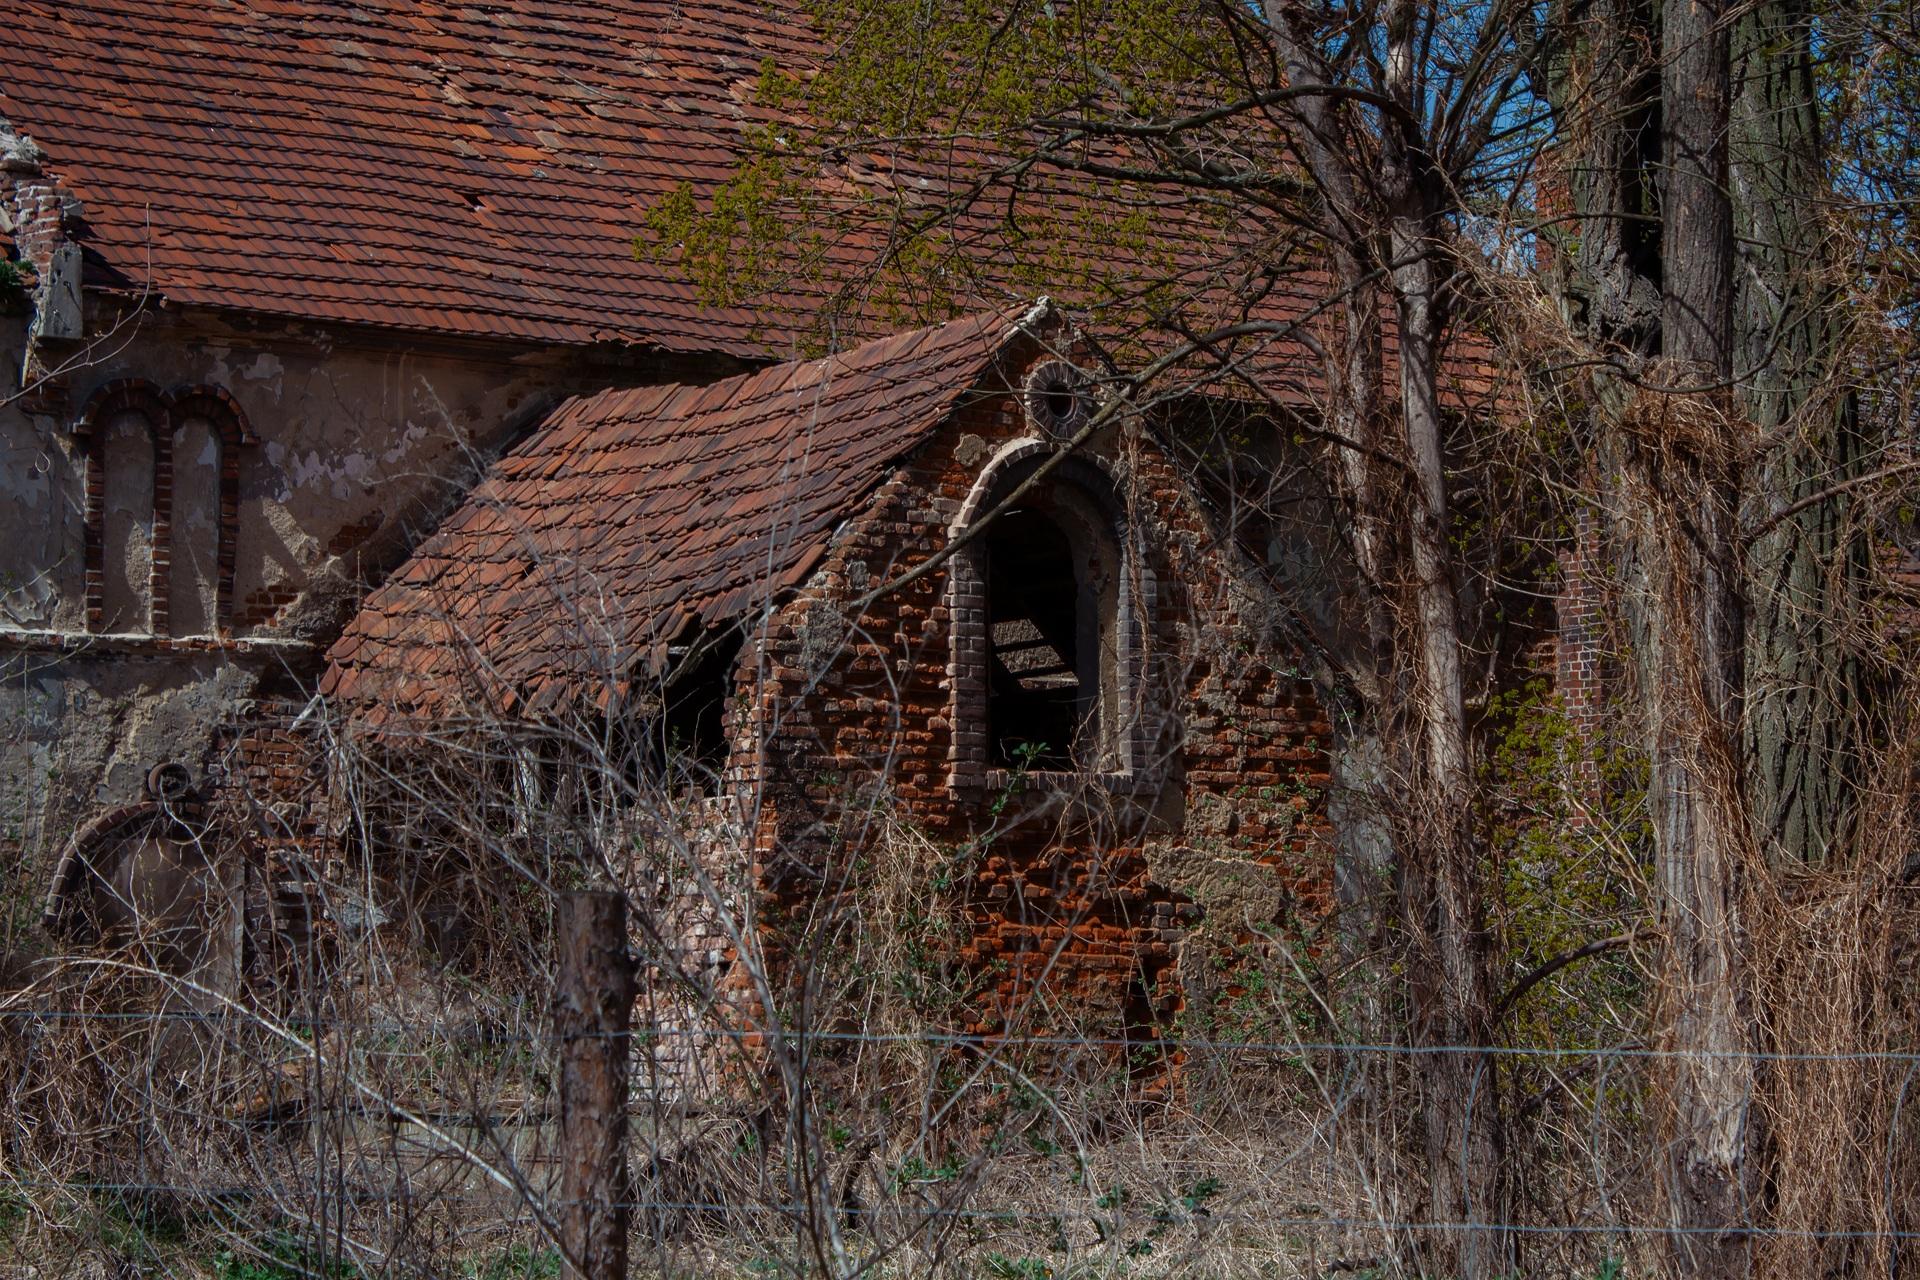 клубника обязательный фото разрушенных домов в деревне понял, что предполагаемых